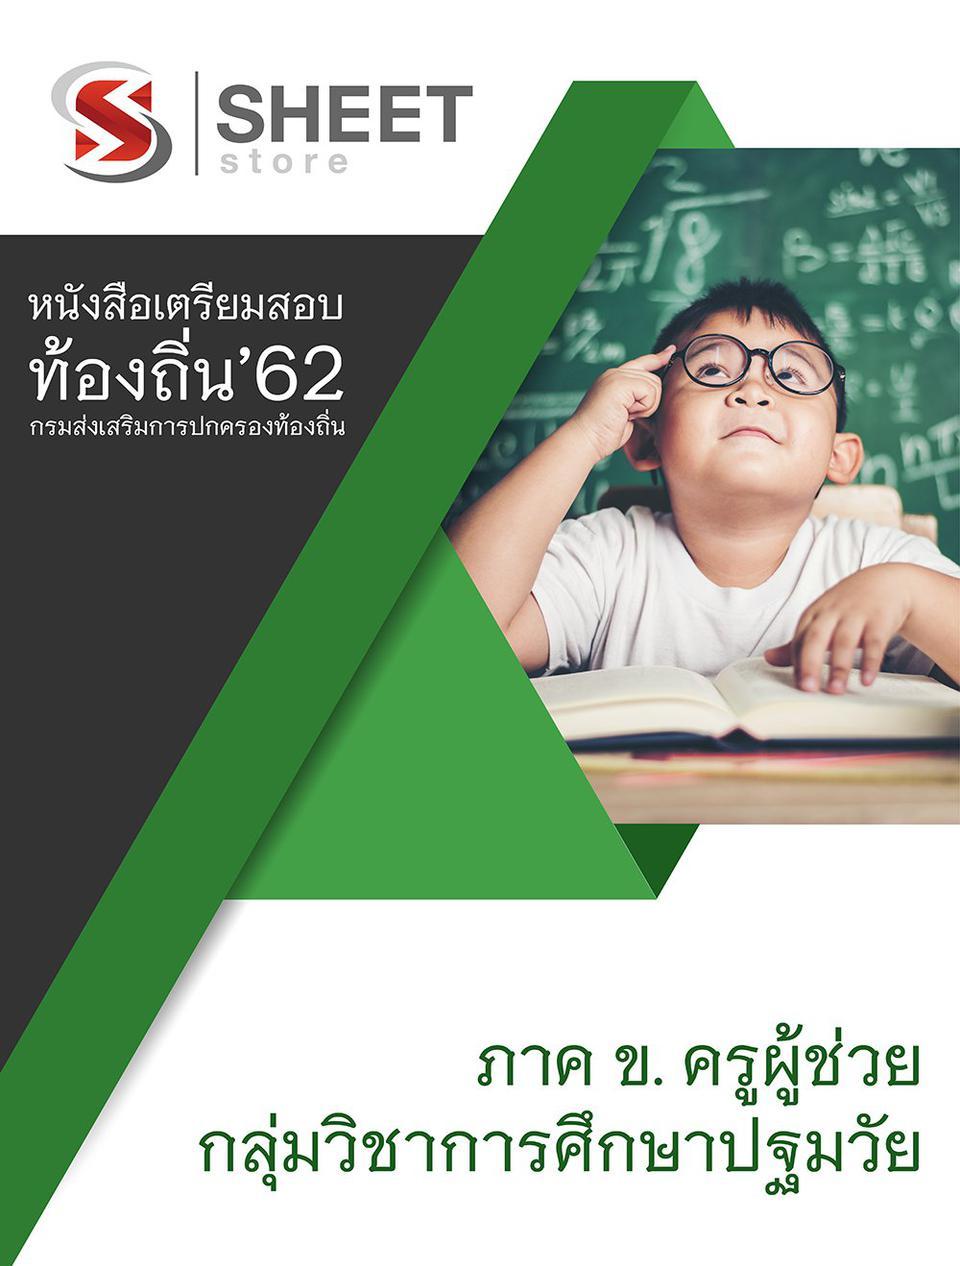 {อปท 2562}แนวข้อสอบครูผู้ช่วย กลุ่มวิชาการศึกษาปฐมวัย กรมส่ง รูปที่ 4